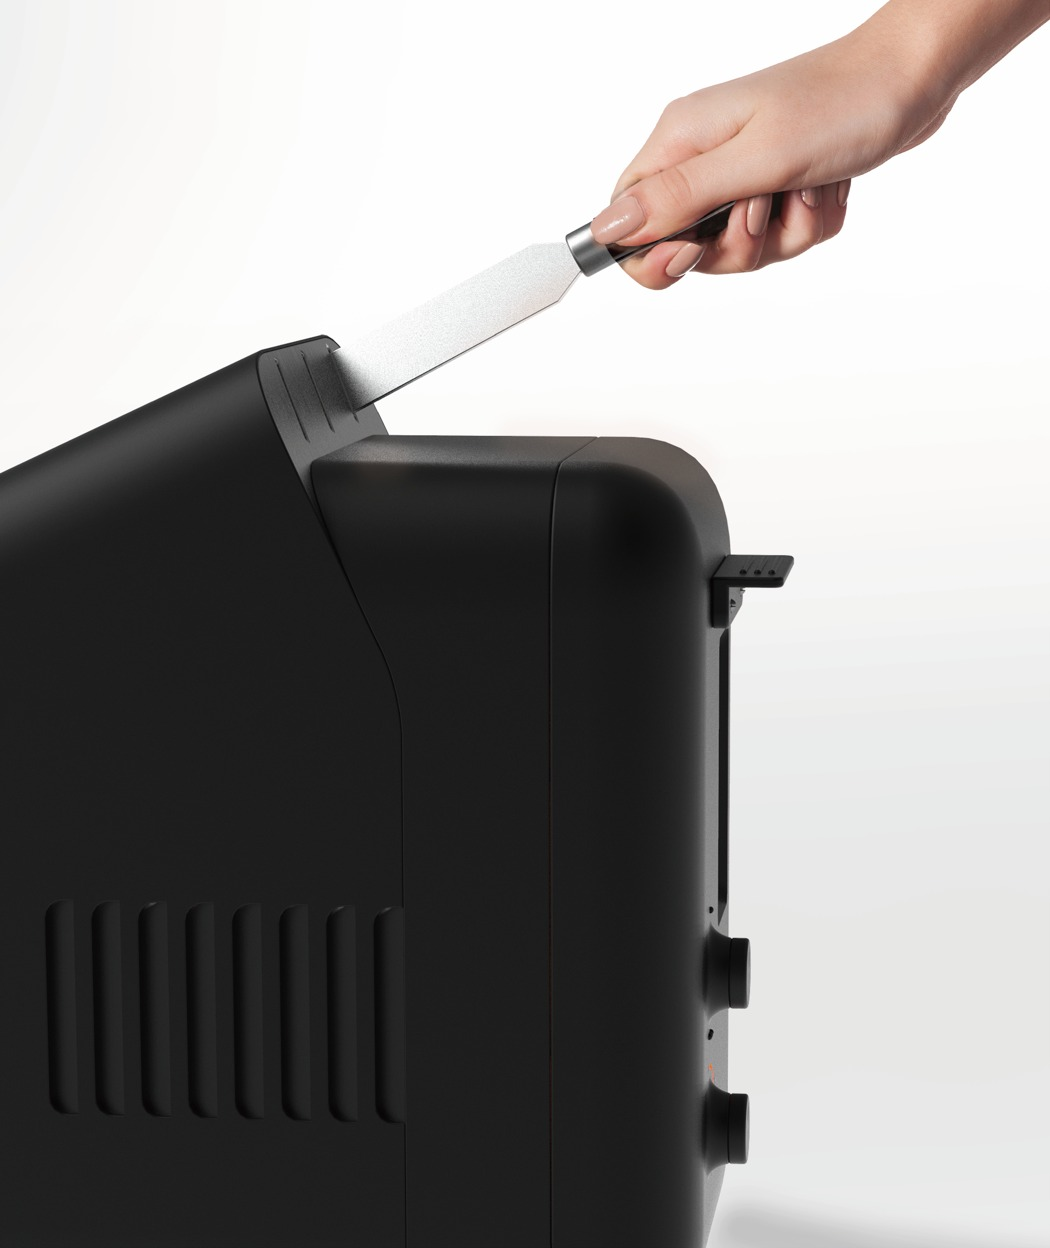 sproaster_toaster_oven_08